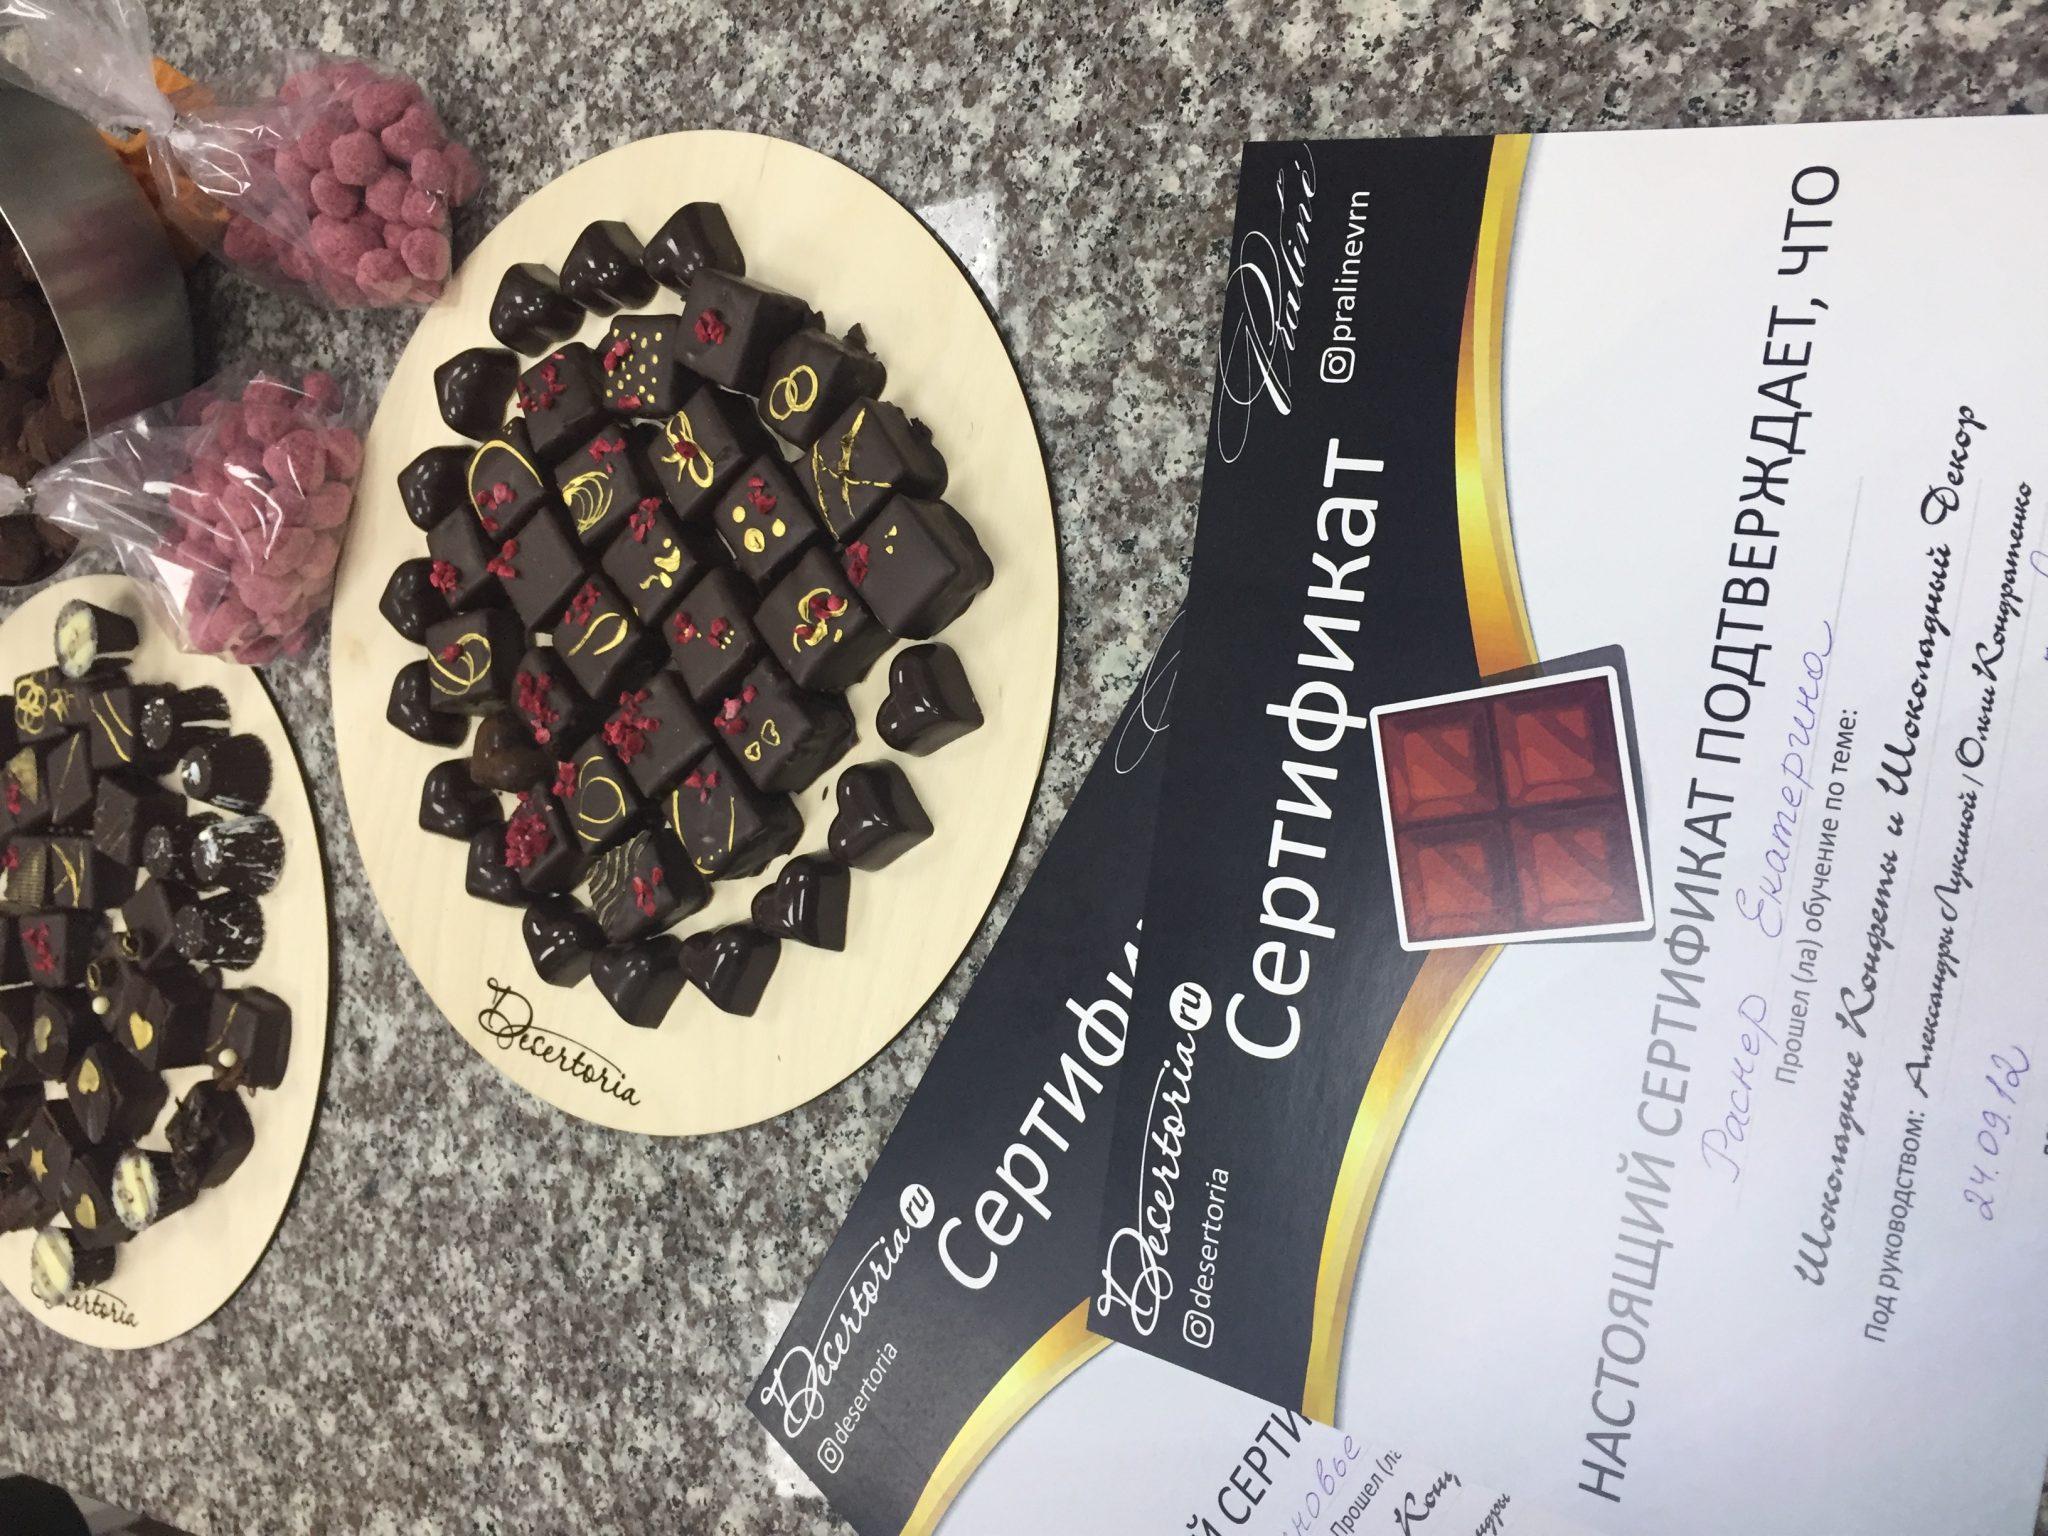 Отчет О Прошедшем Мастер Классе «Шоколад И Конфеты» В Краснодаре от 24.09.16